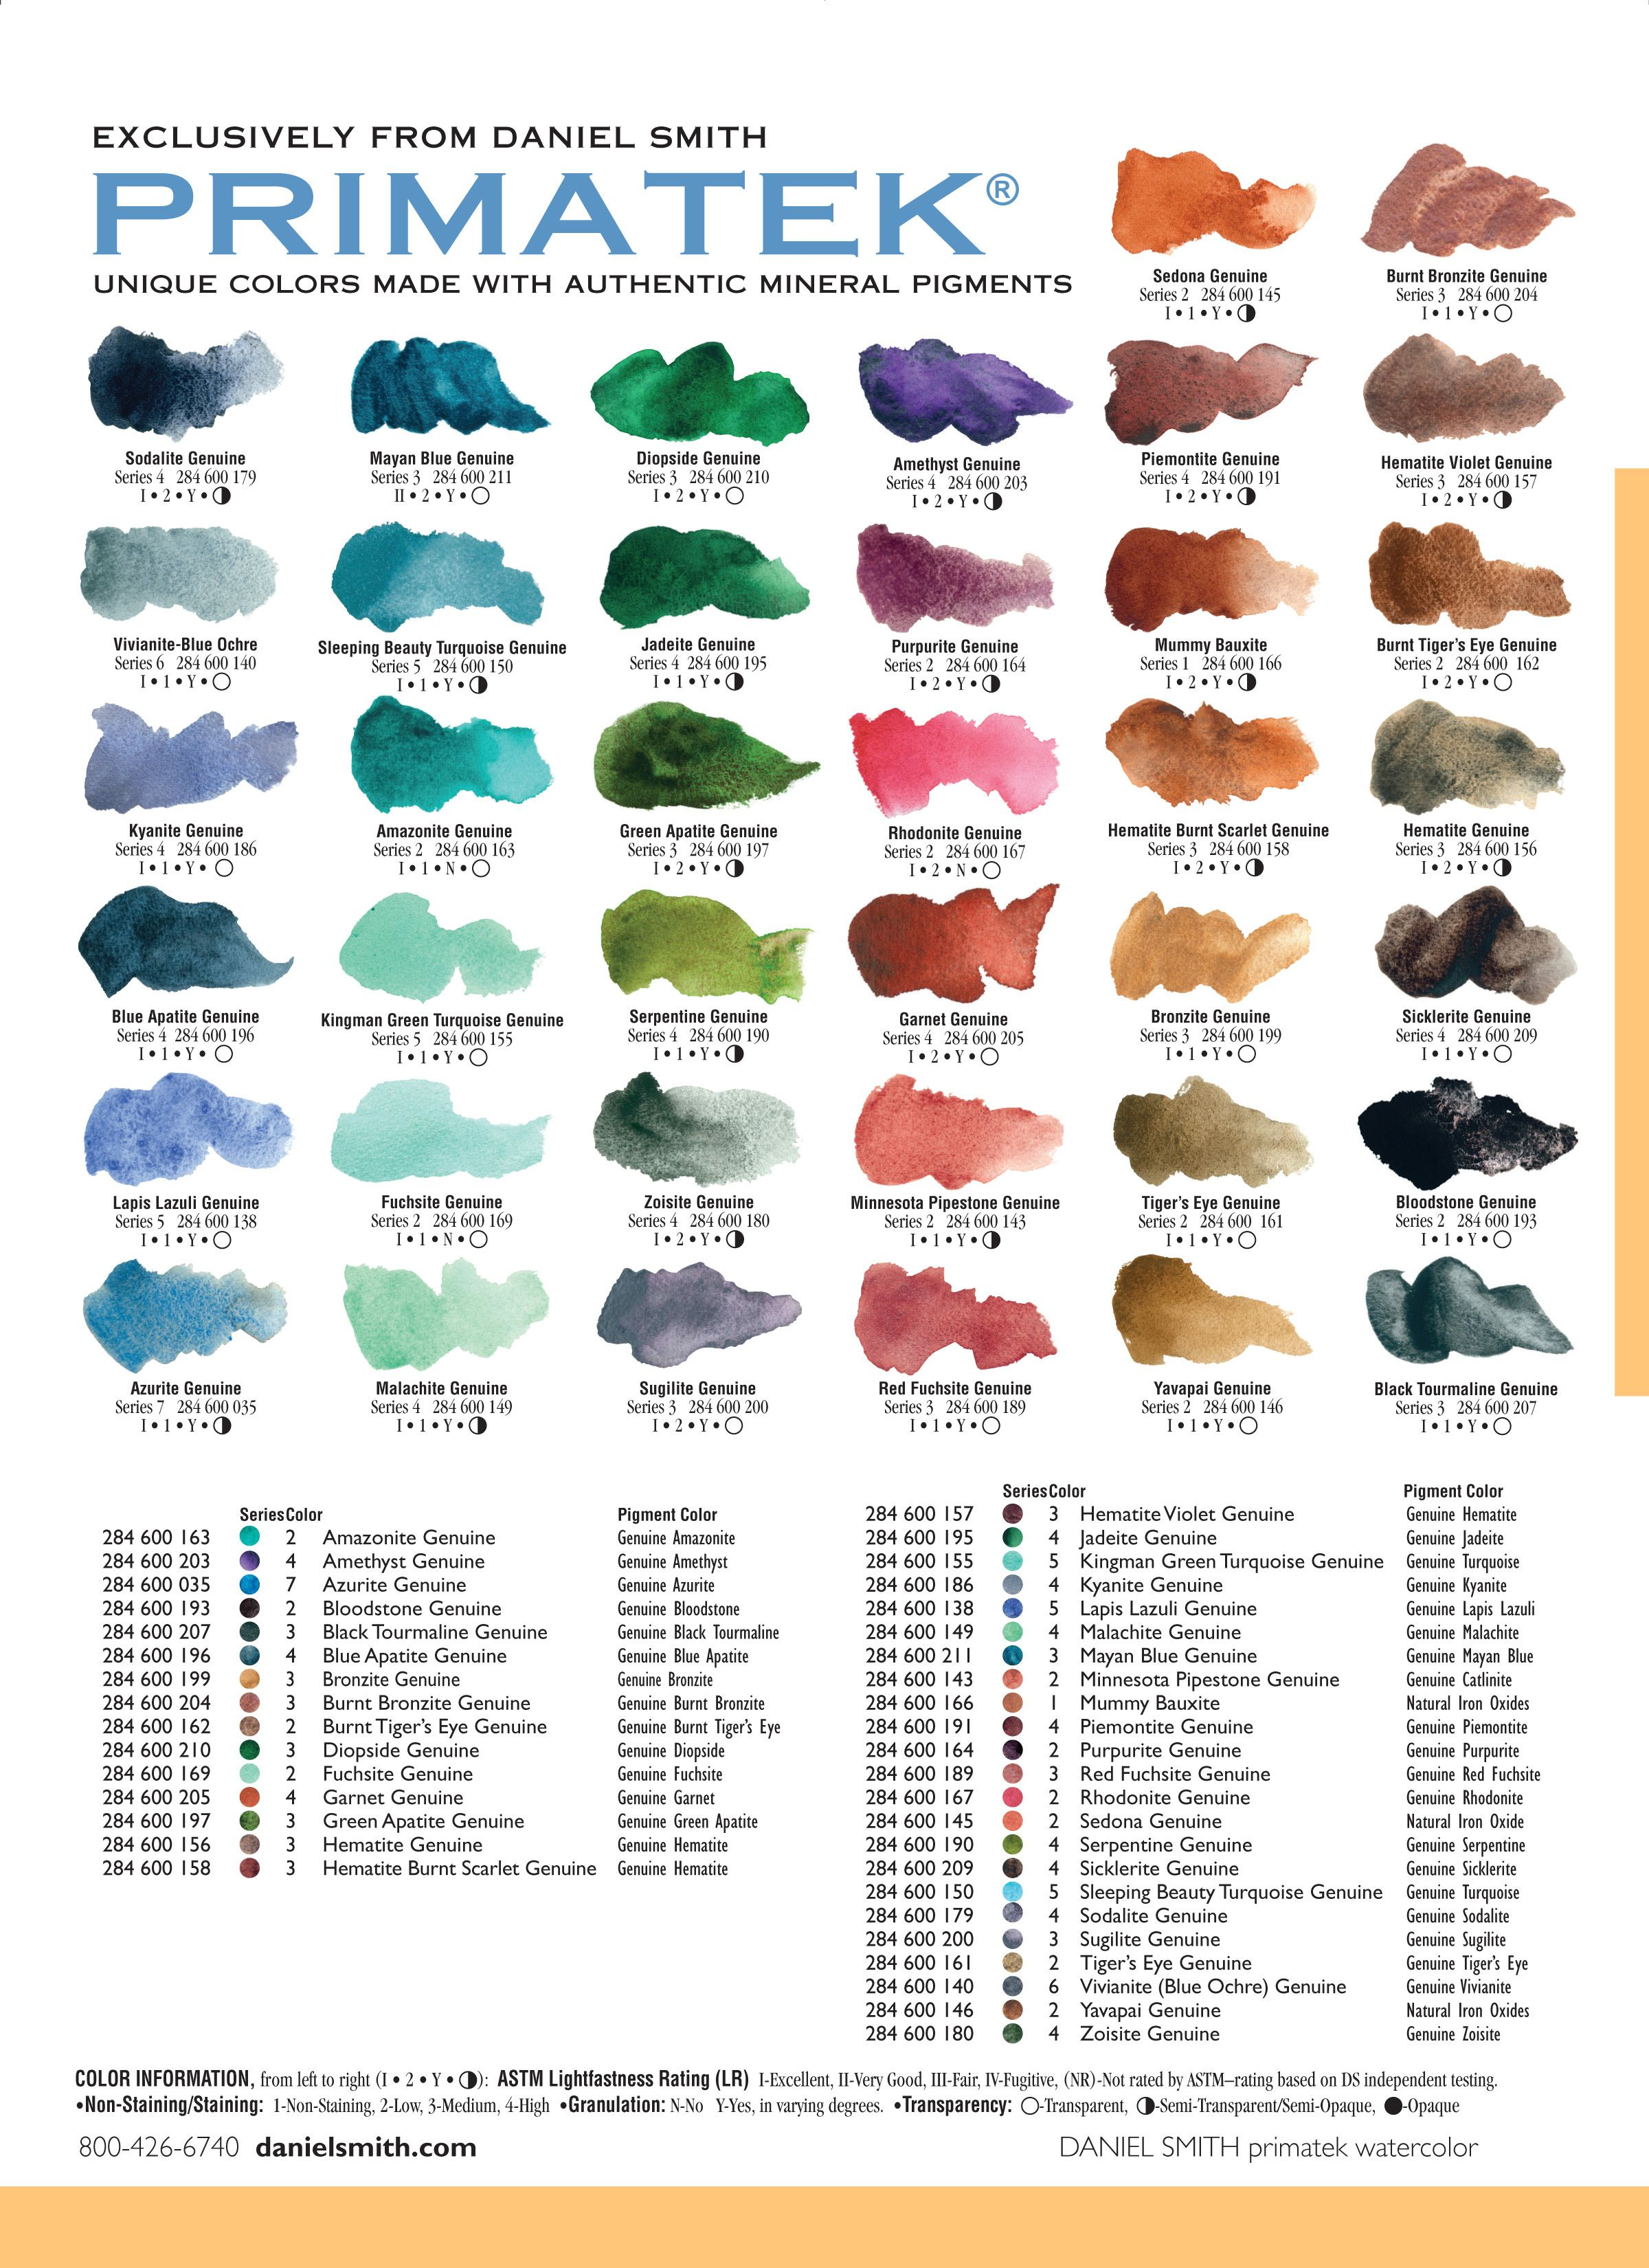 Daniel Smith Primatek Watercolor Chart Watercolour Paints Daniel